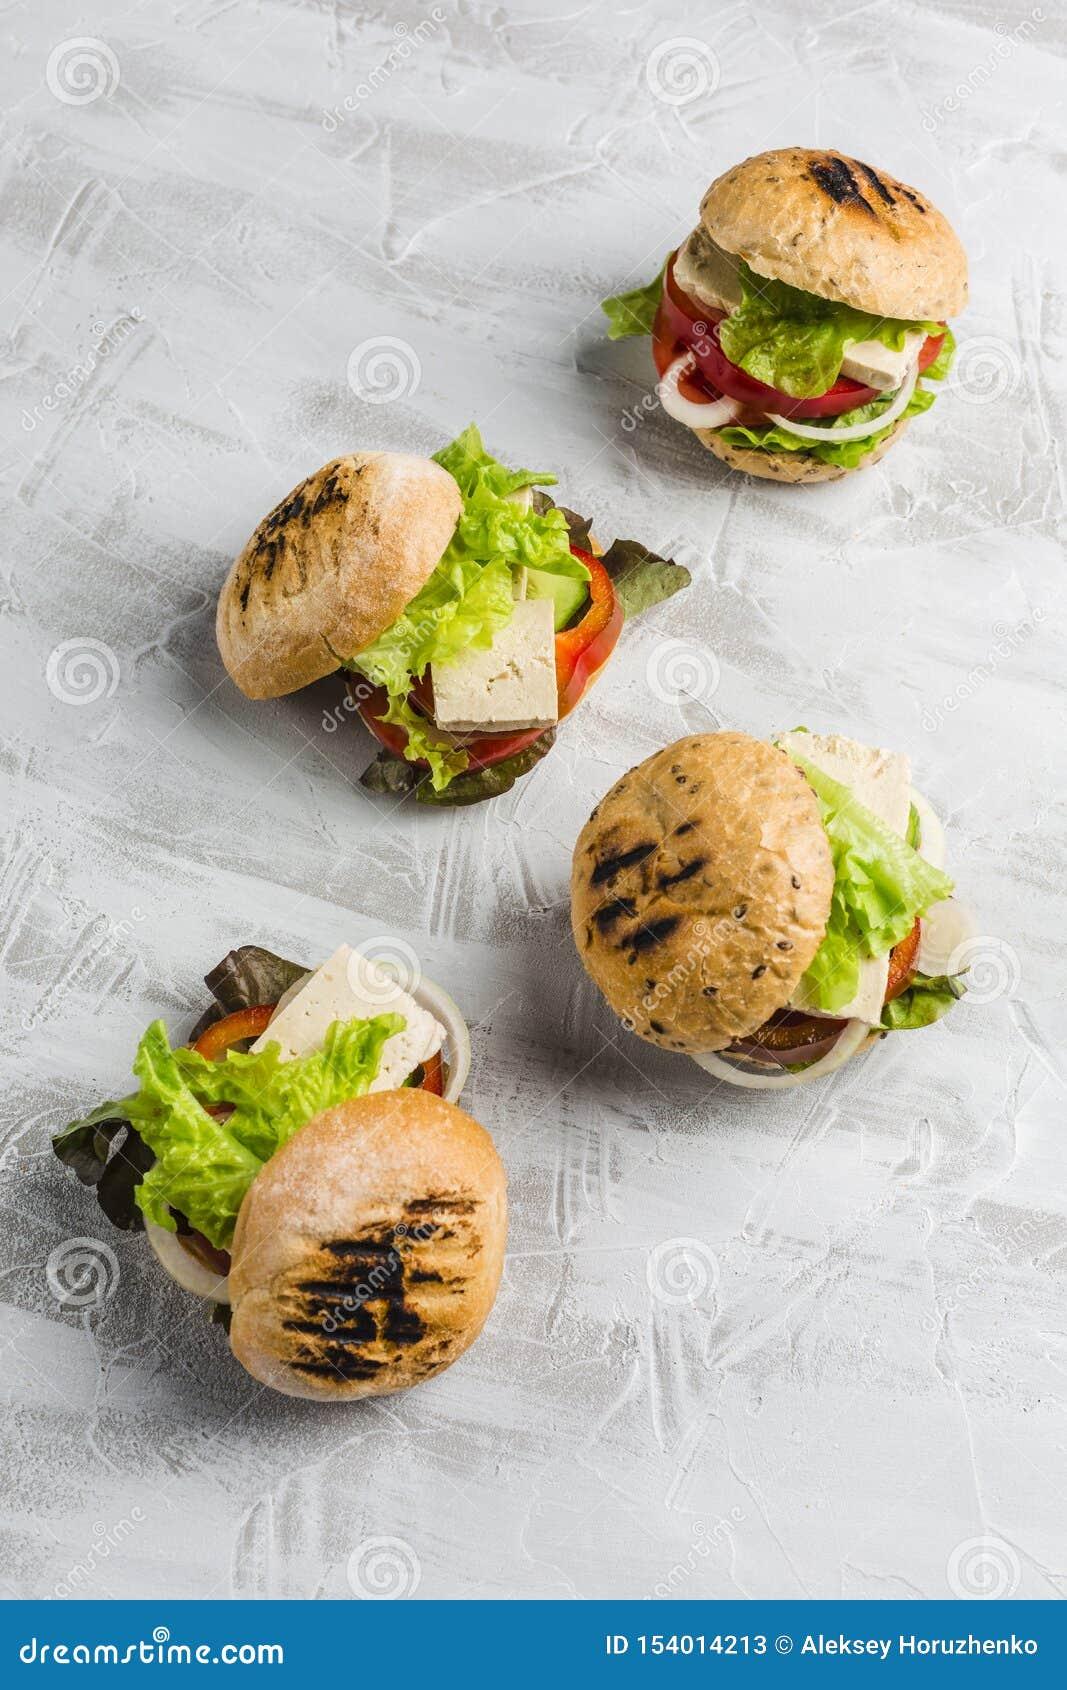 Veganisthamburger met tofu kaas en paddestoelen